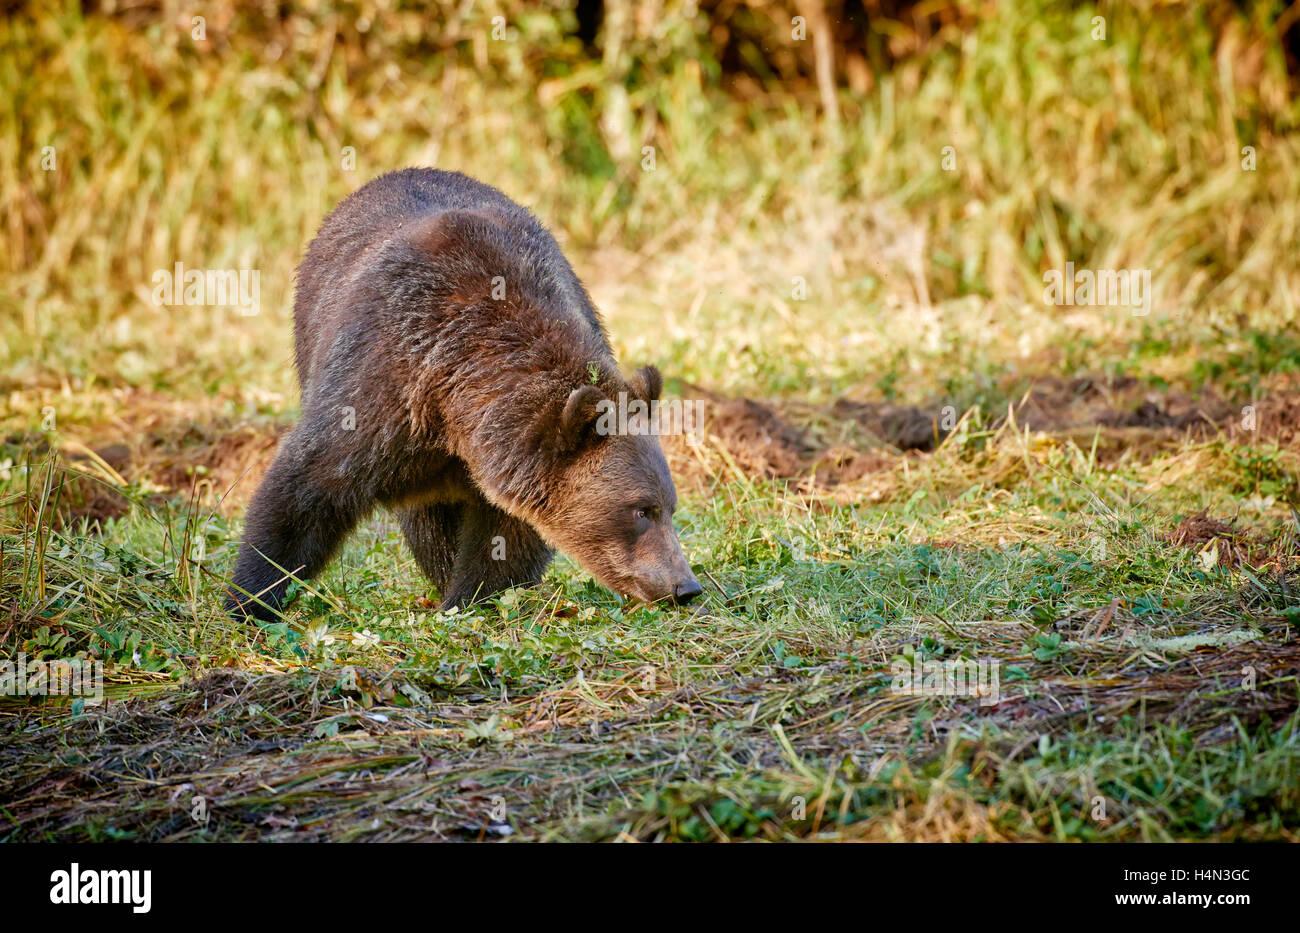 Ours brun, Ursus arctos horribilis, Great Bear Rainforest, Knight Inlet, le détroit de Johnstone, British Columbia, Canada Banque D'Images